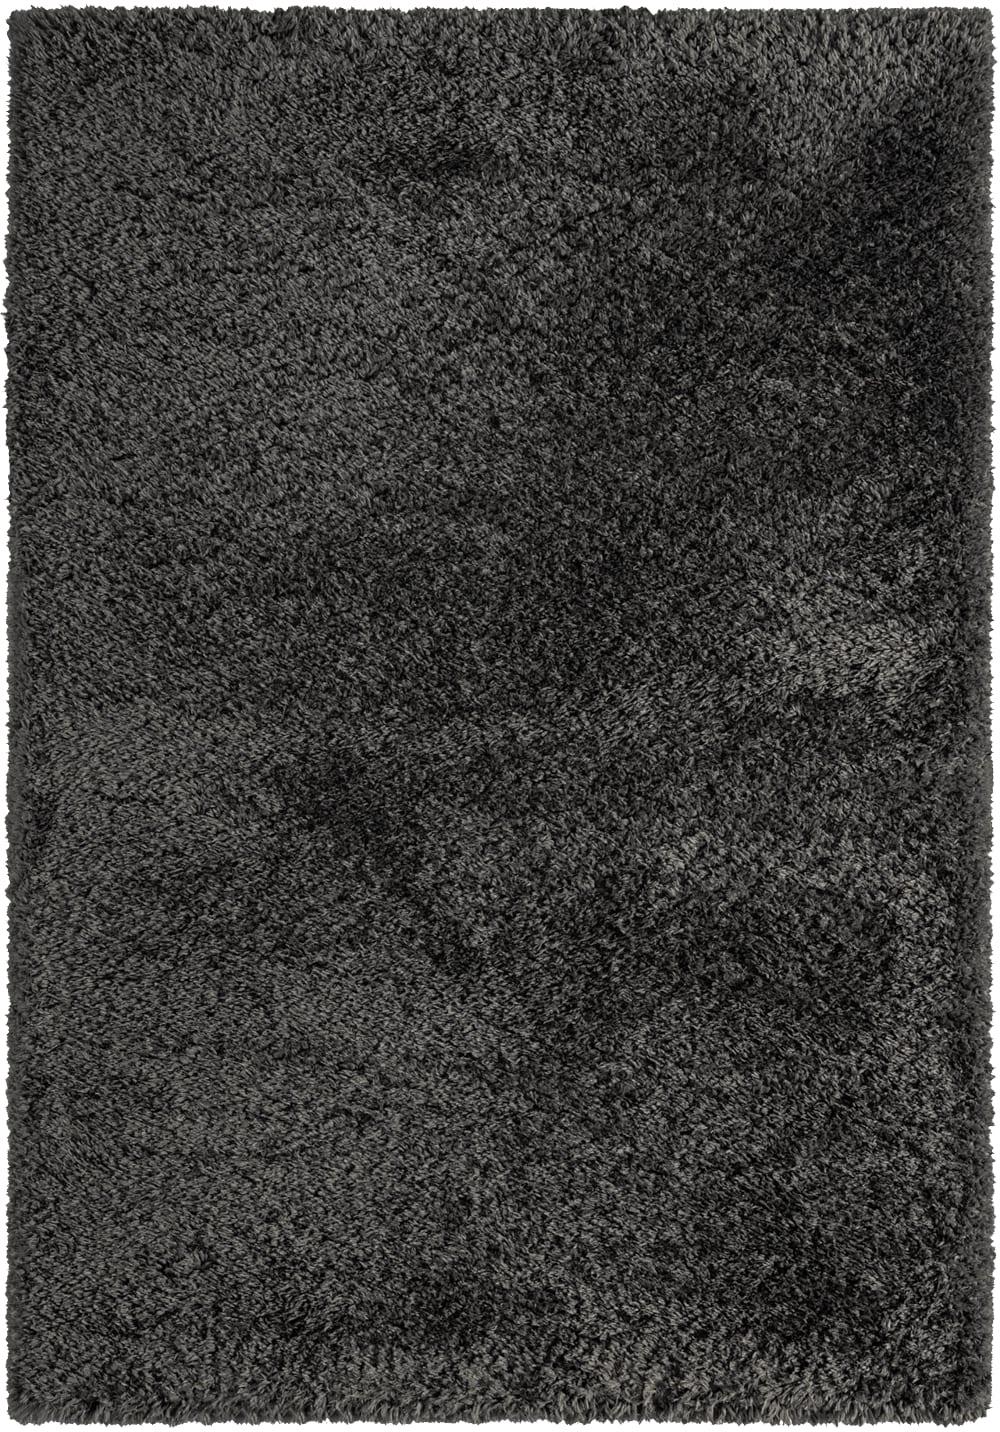 Tapis éco-responsable uni anthracite 160x230